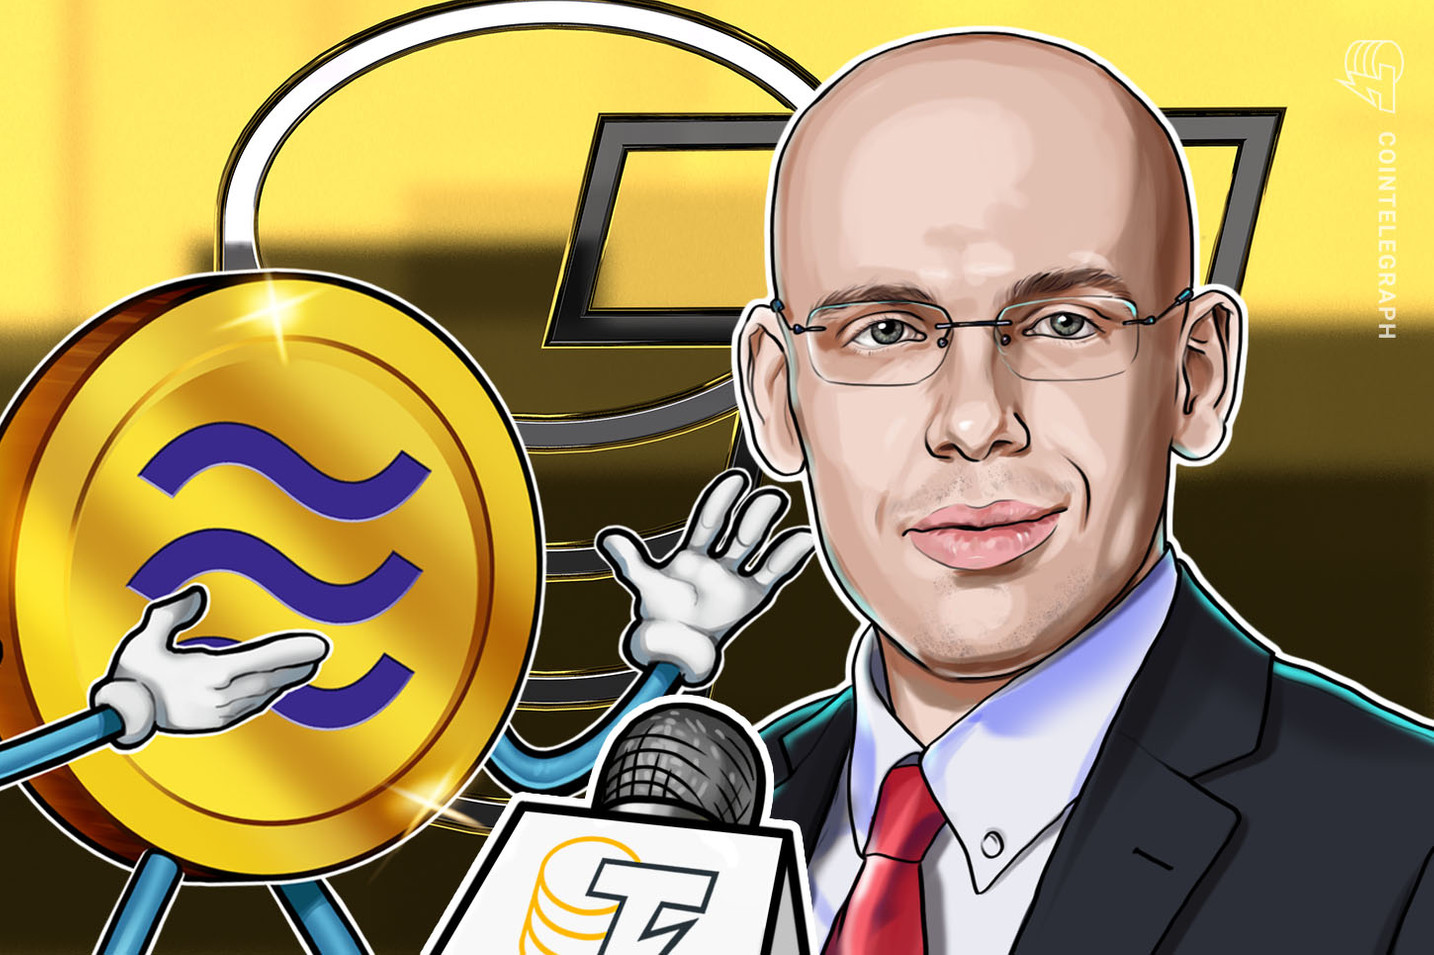 Fabian Schär von der Uni Basel: Facebook Libra kann für Zentralbanken zum Problem werden